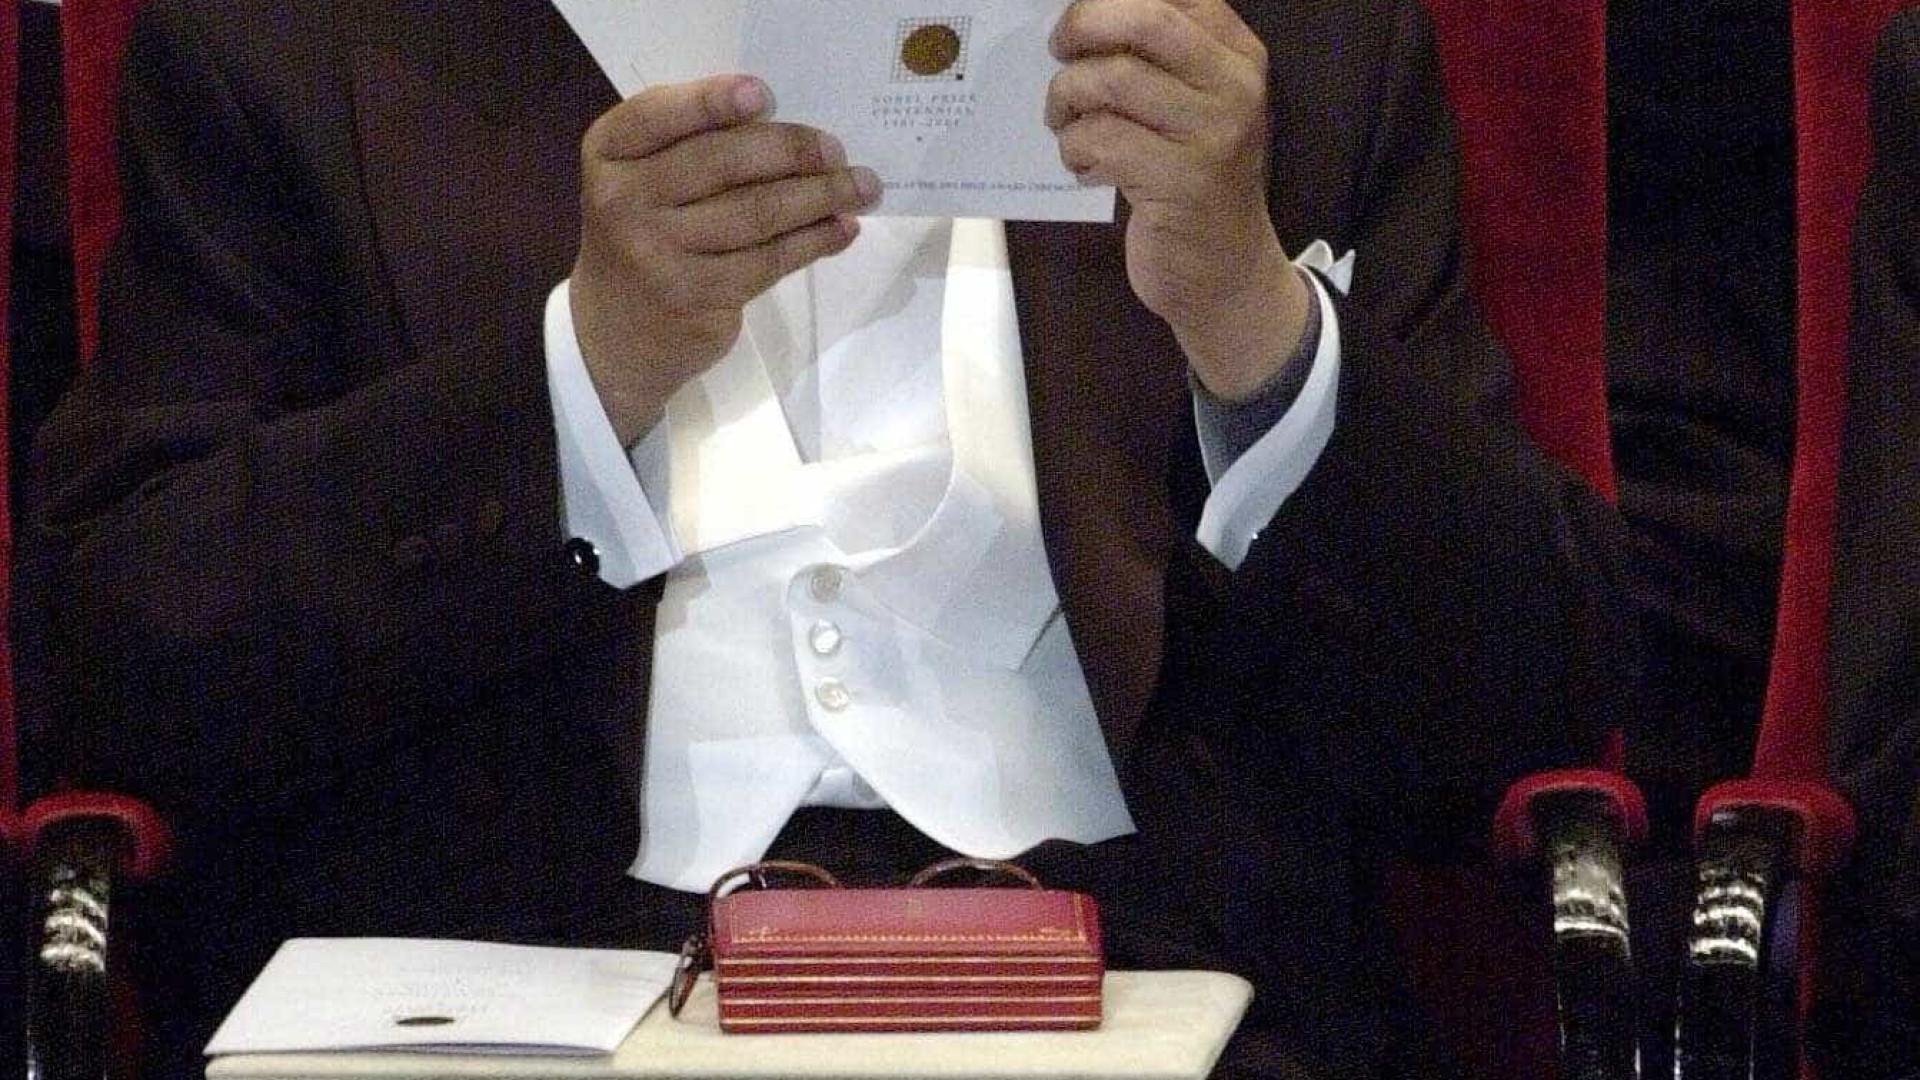 Morre o romancista V. S. Naipaul, vencedor do Nobel, aos 85